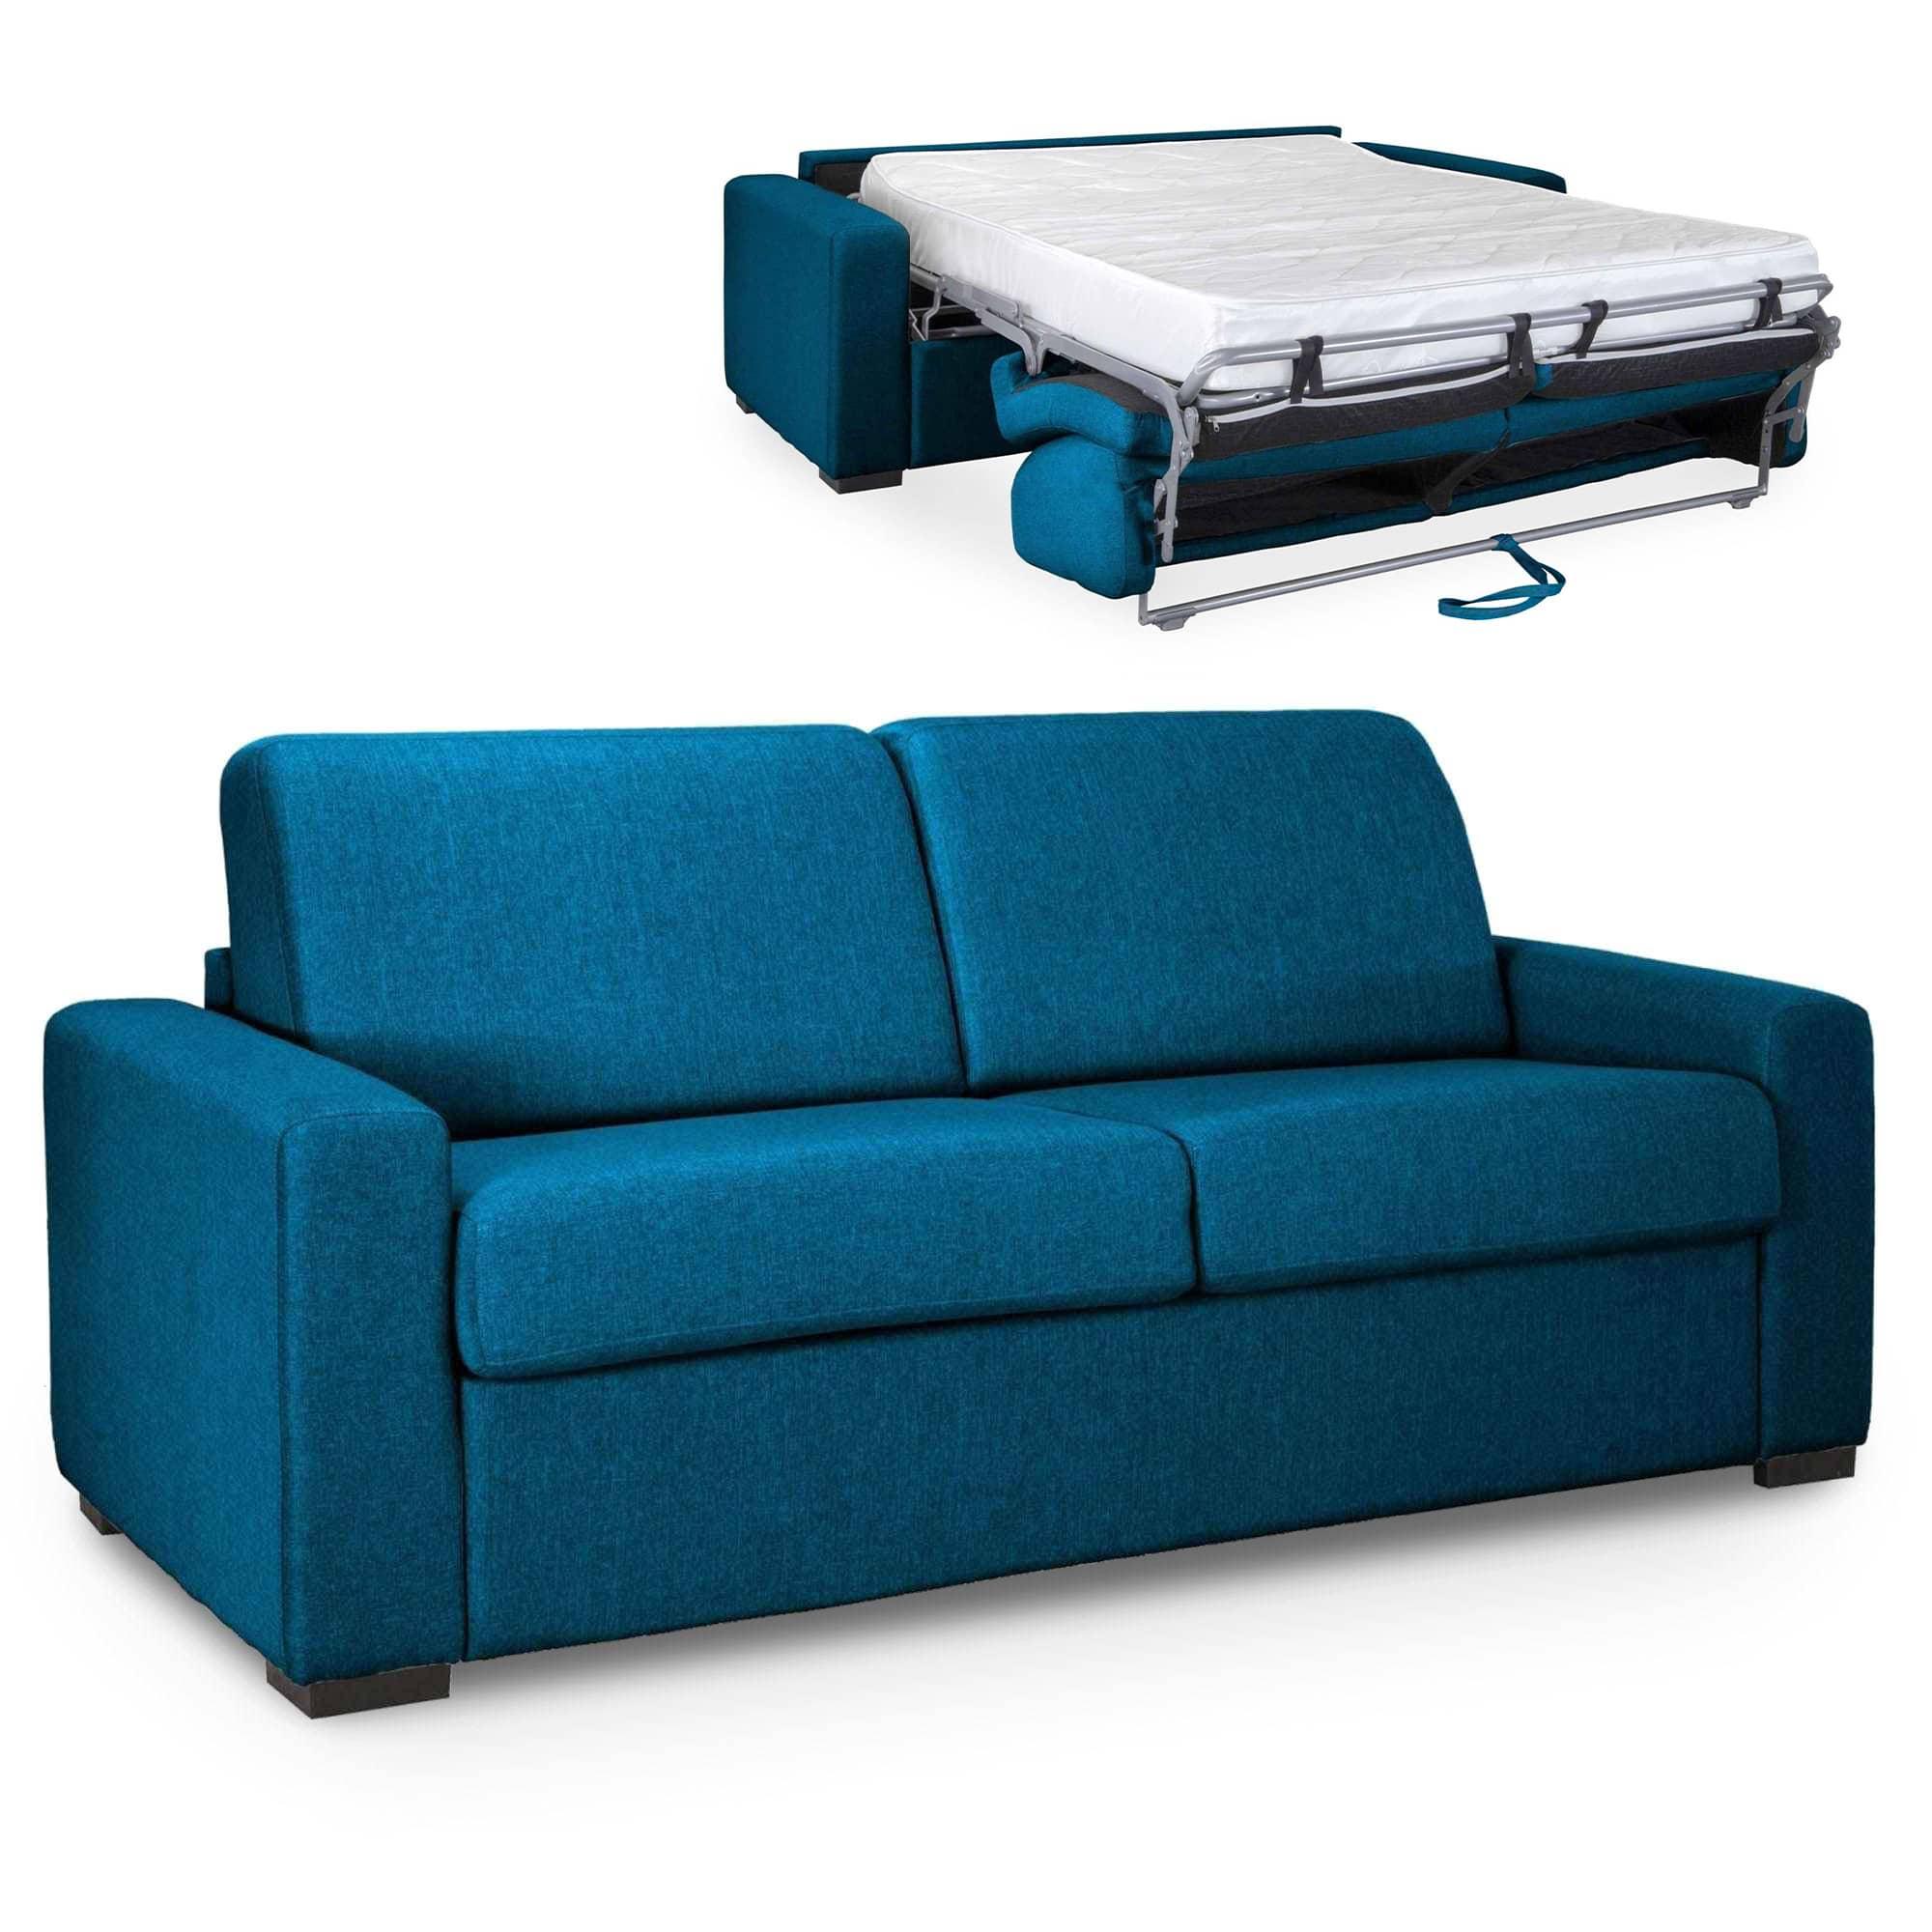 Canapé Convertible 3 Places Louna Luxe En Tissu Bleu Pétrole Ouverture  Express Matelas 18 Cm intérieur Canape Tissus Luxe